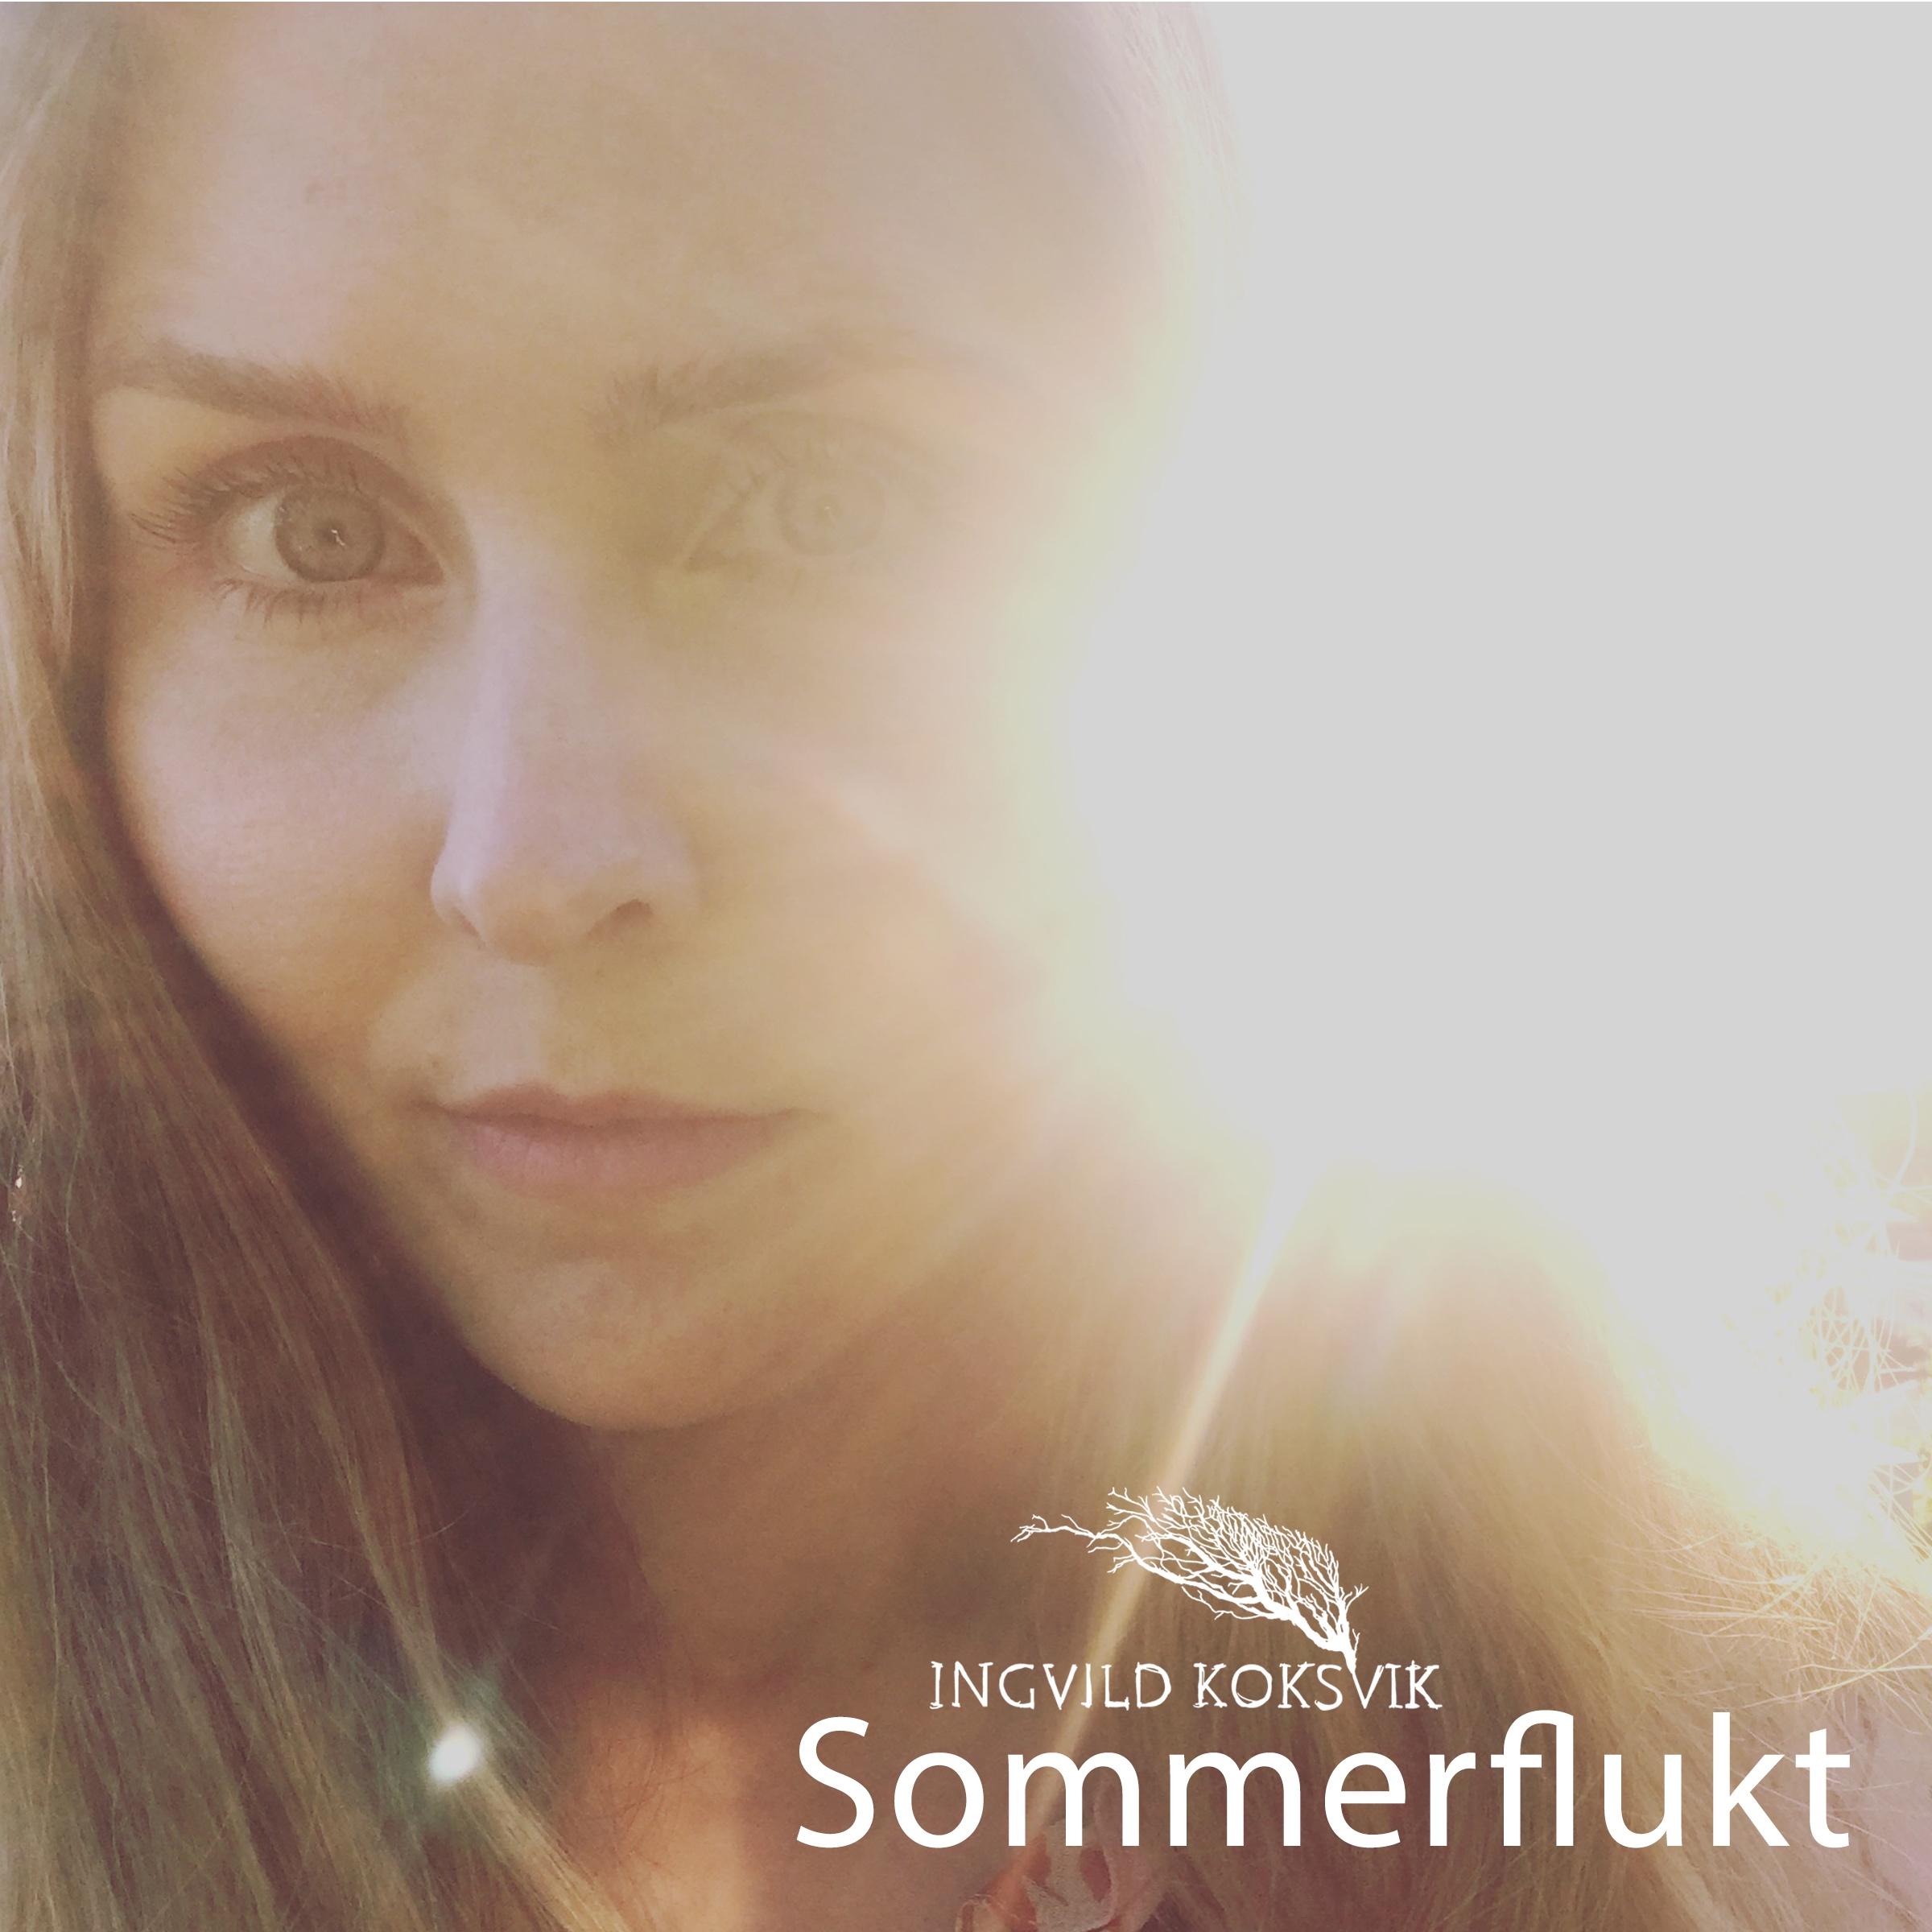 Ingvild Koksvik - Sommerflukt coverart web.jpg